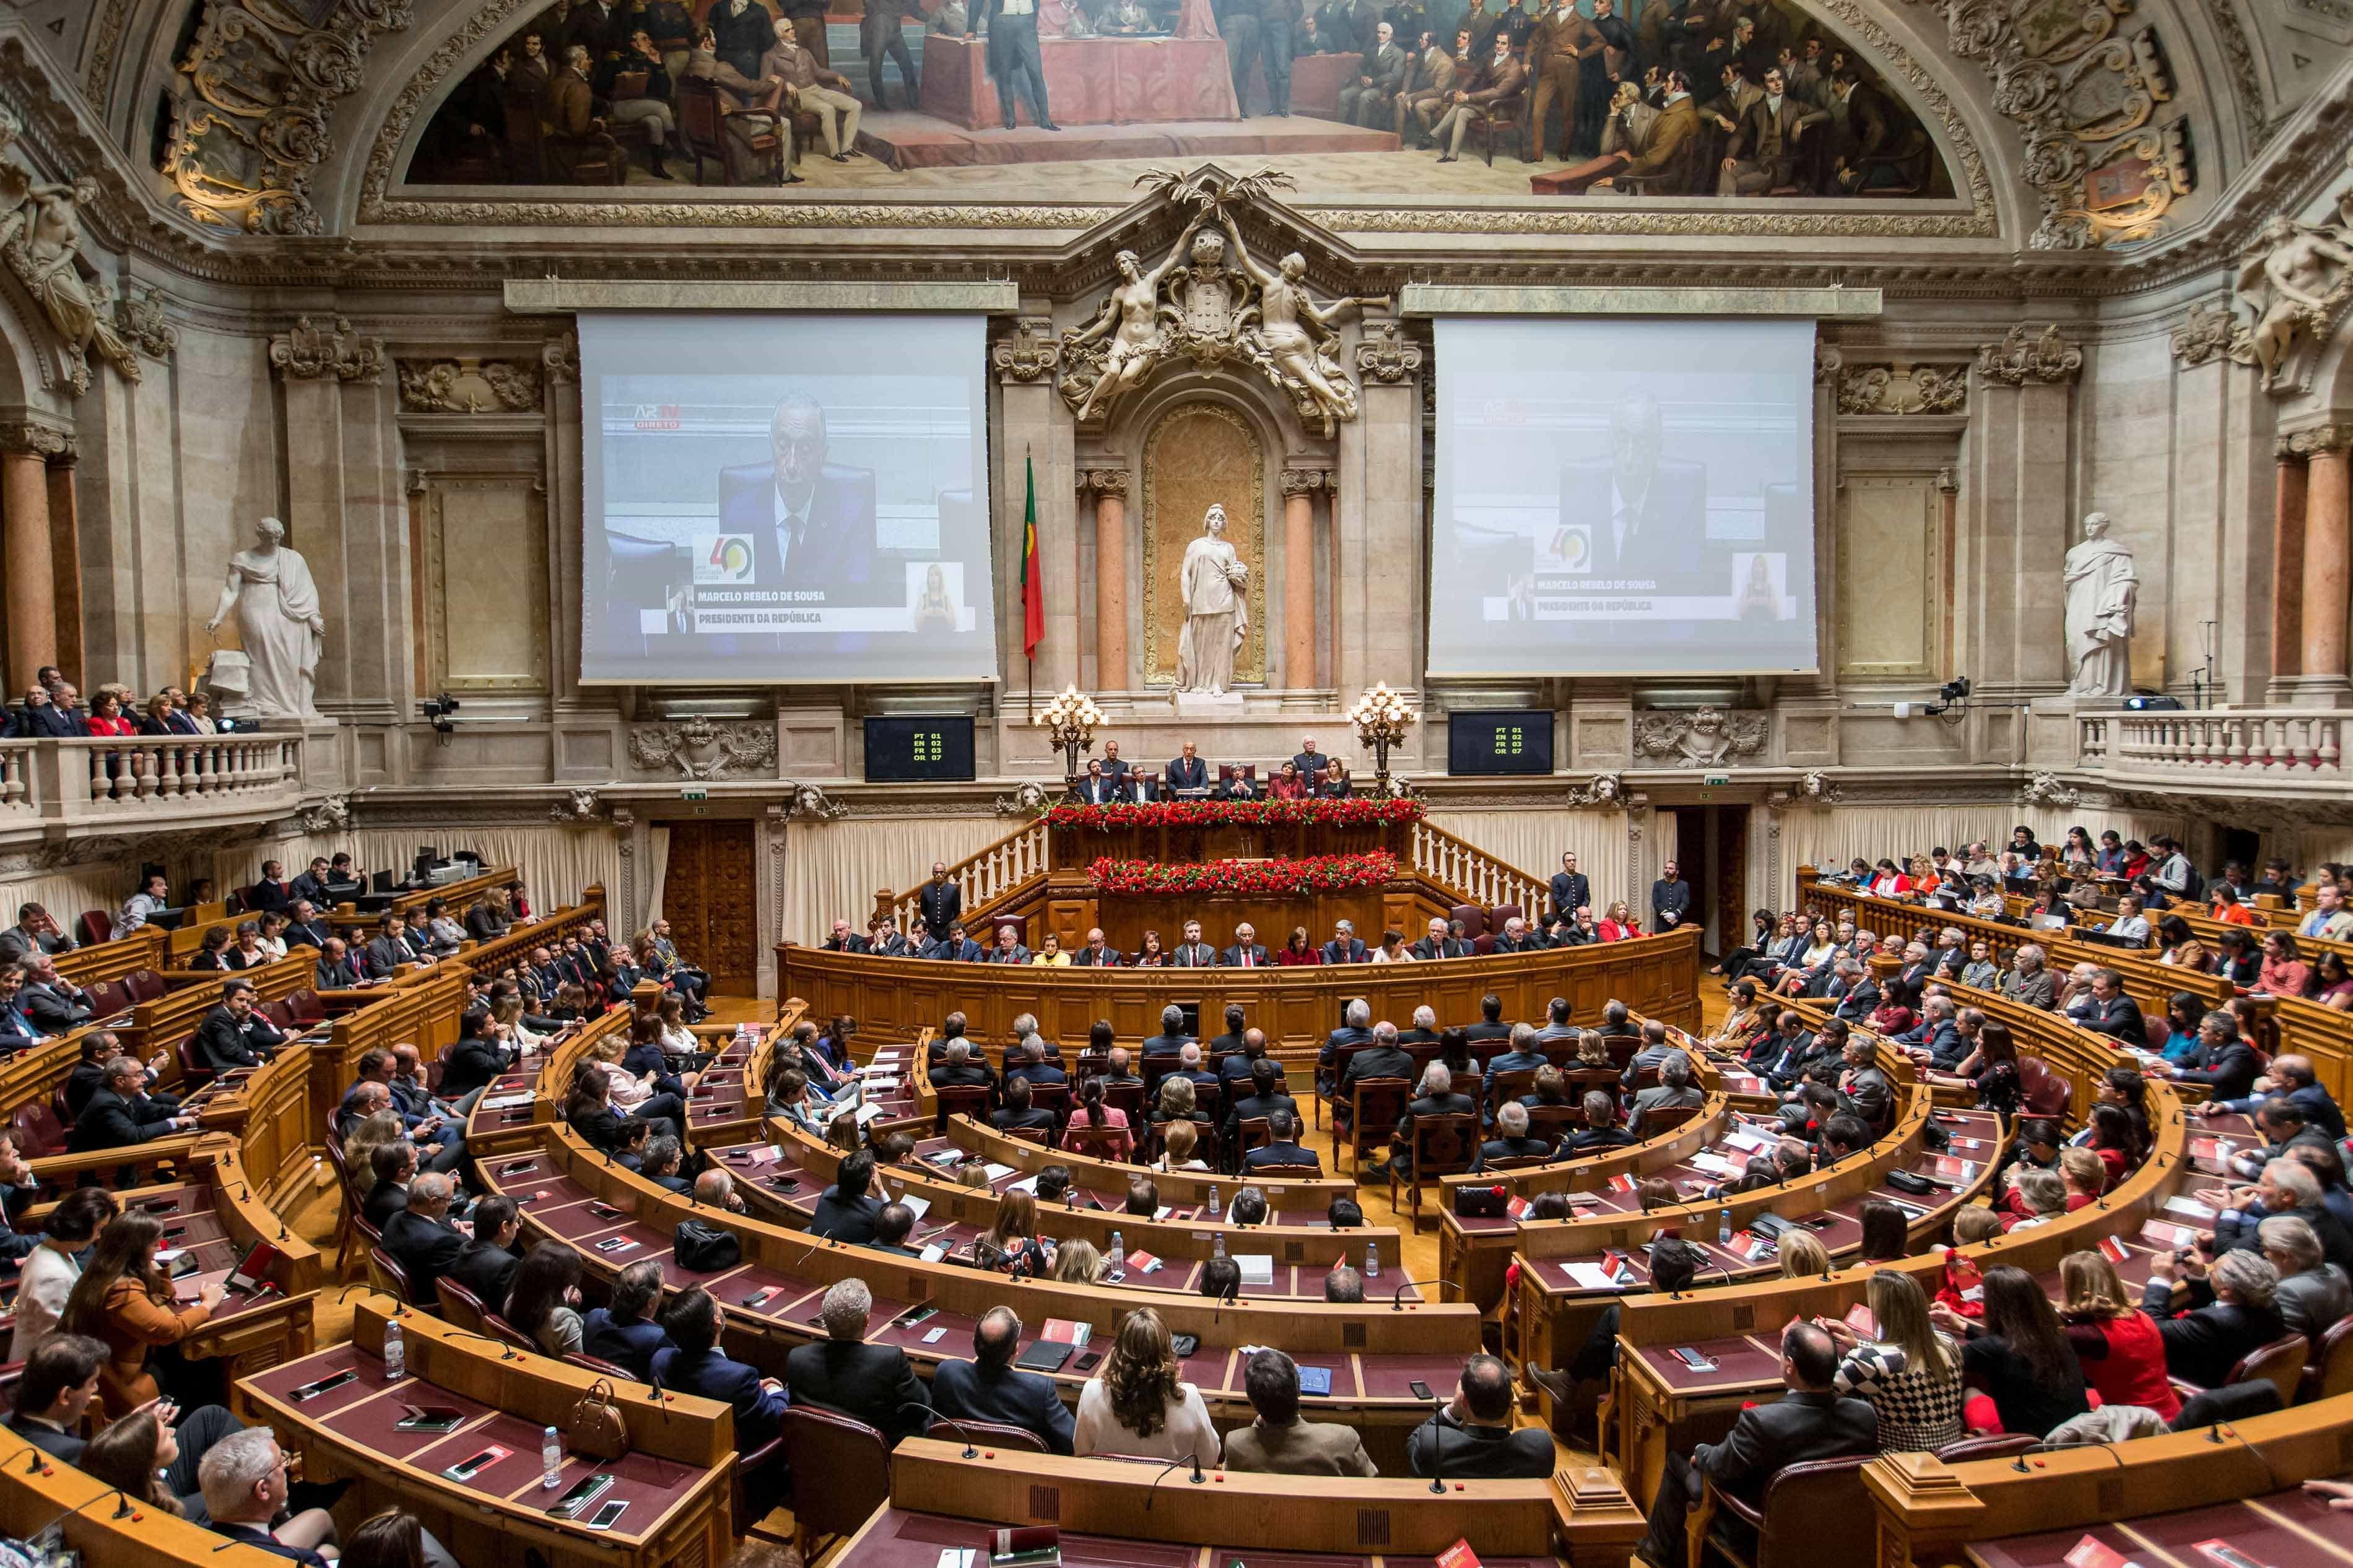 25 Abril: Parlamento celebra 45 anos da Revolução e abre portas ao povo